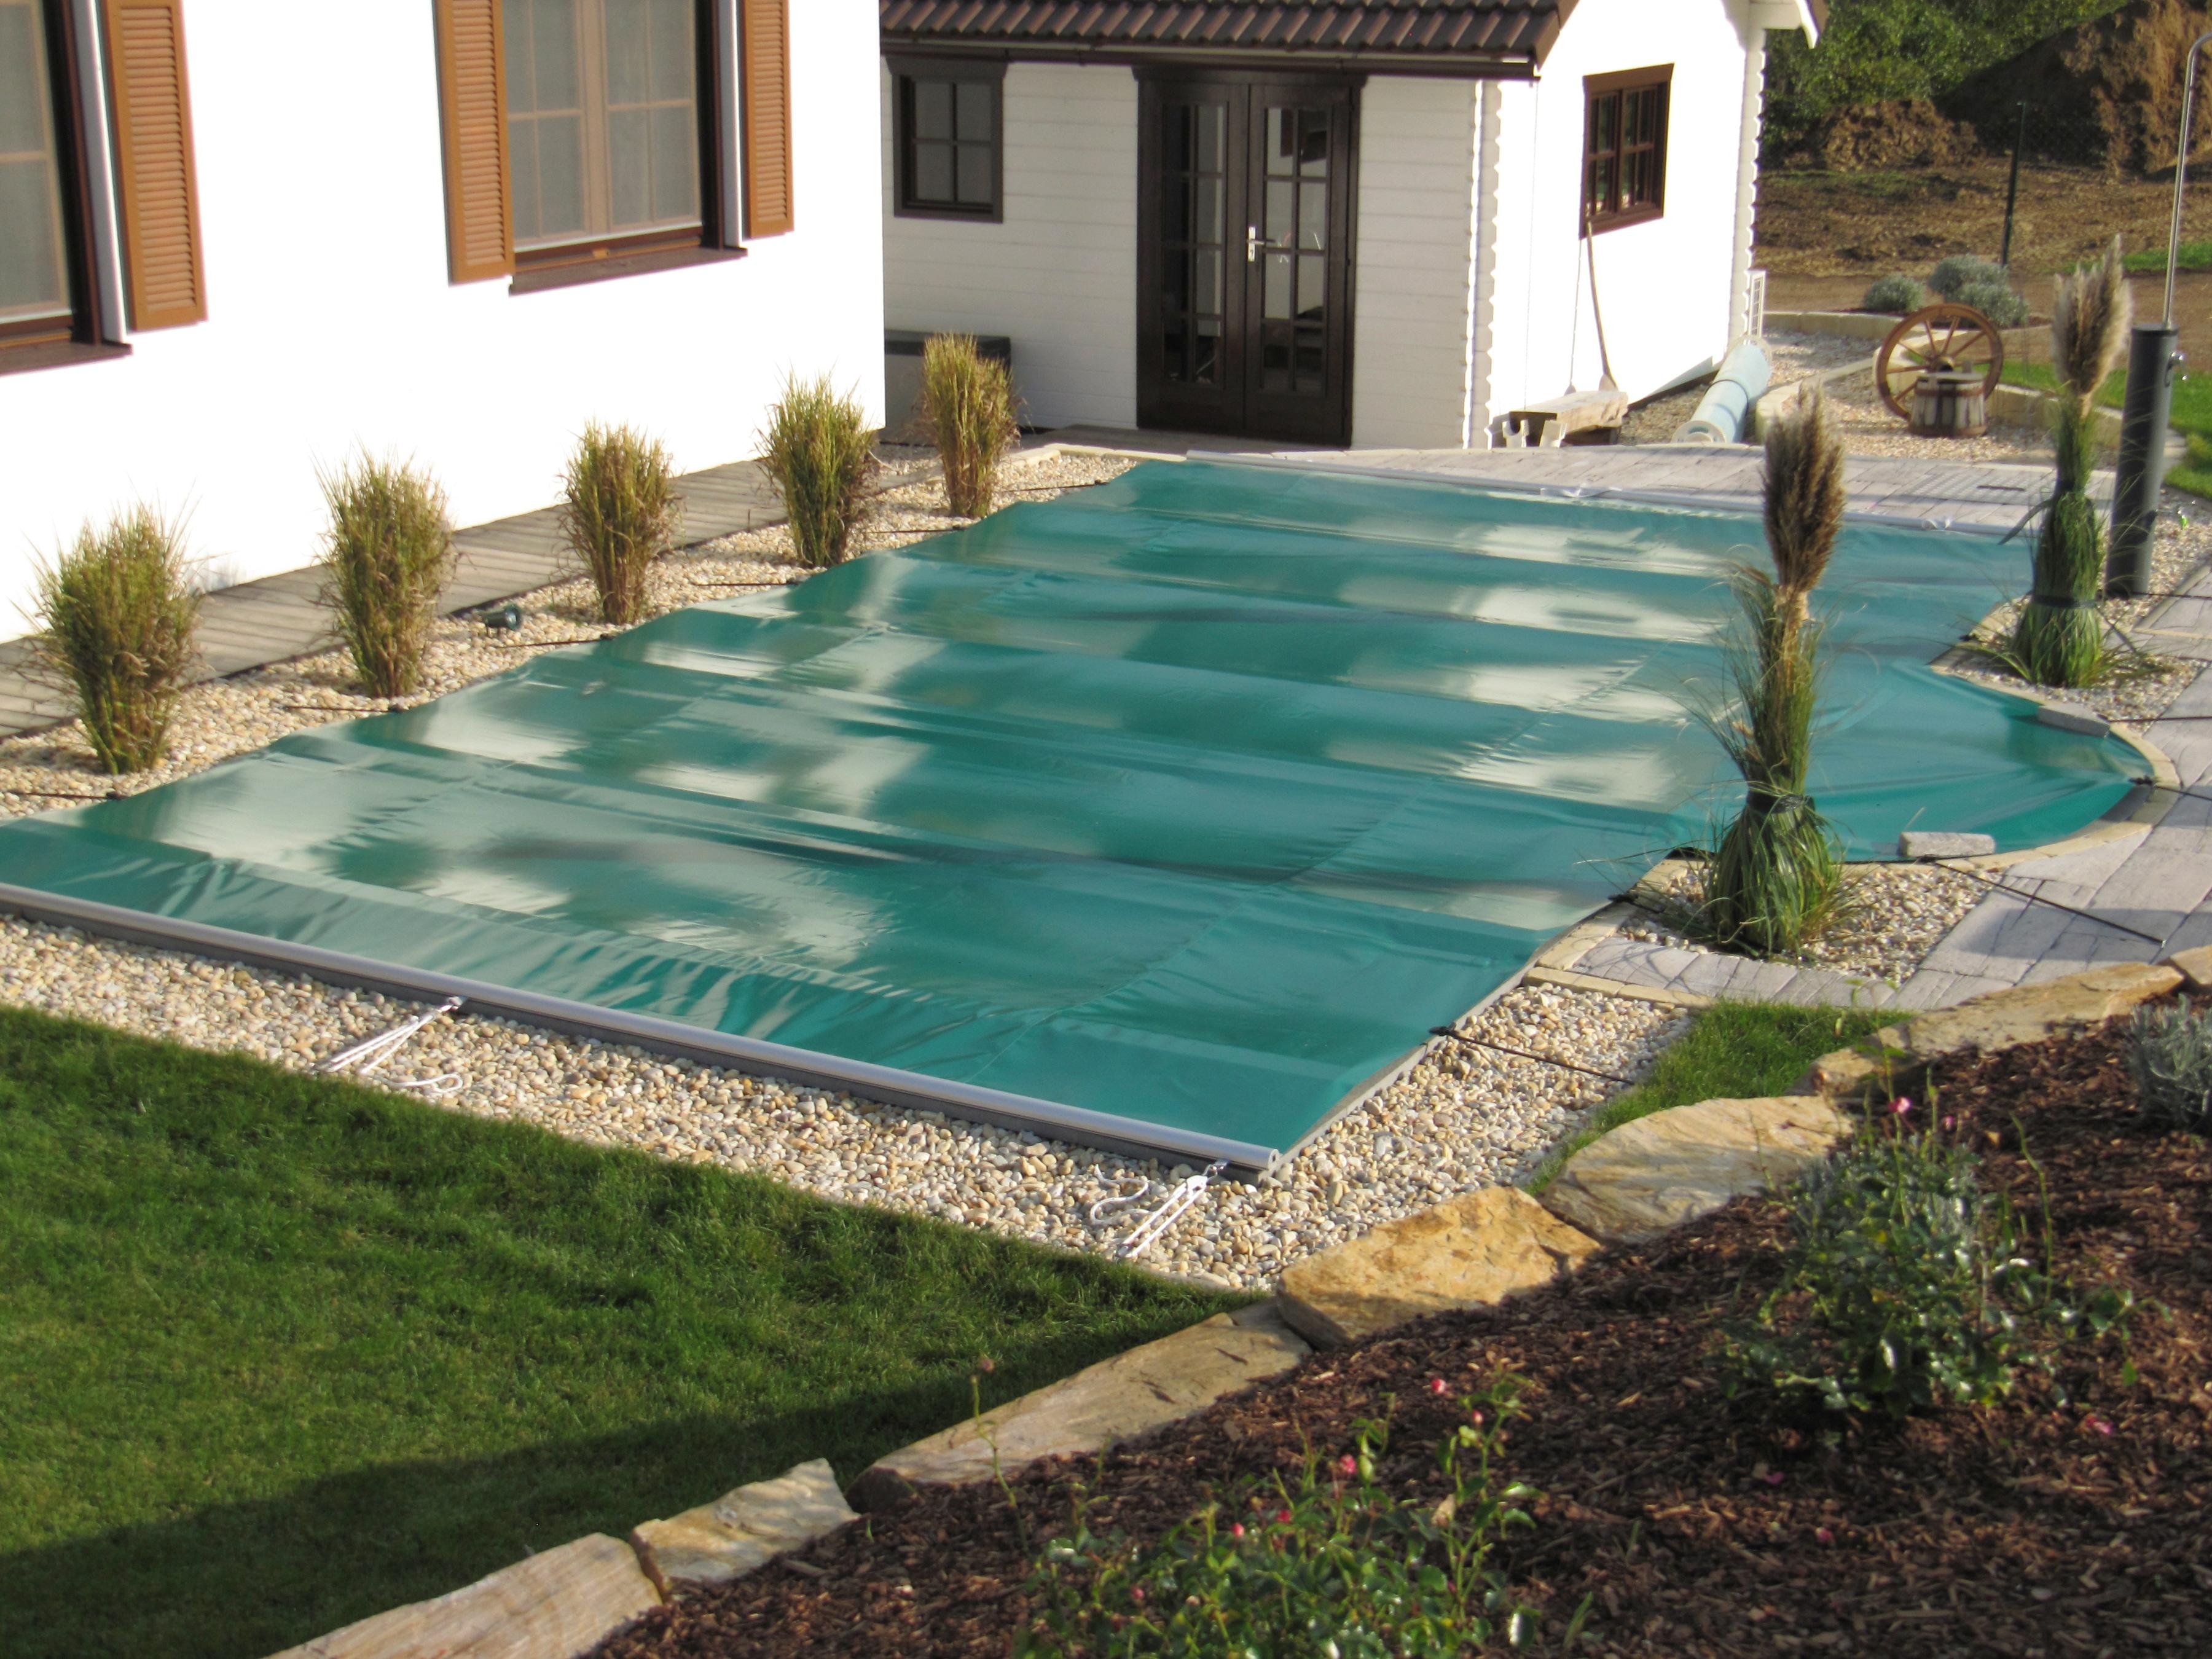 KWAD Pool-Abdeckplane günstig online kaufen